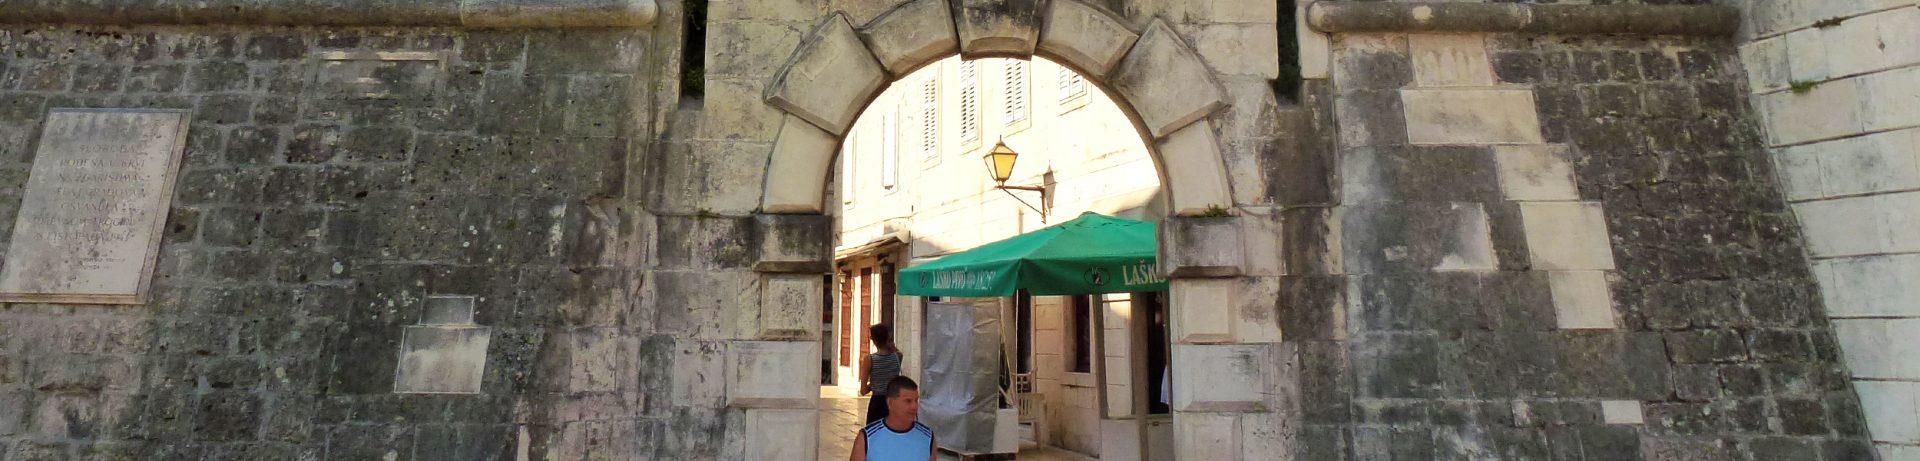 Przewodnik po Trogirze - Brama Północna